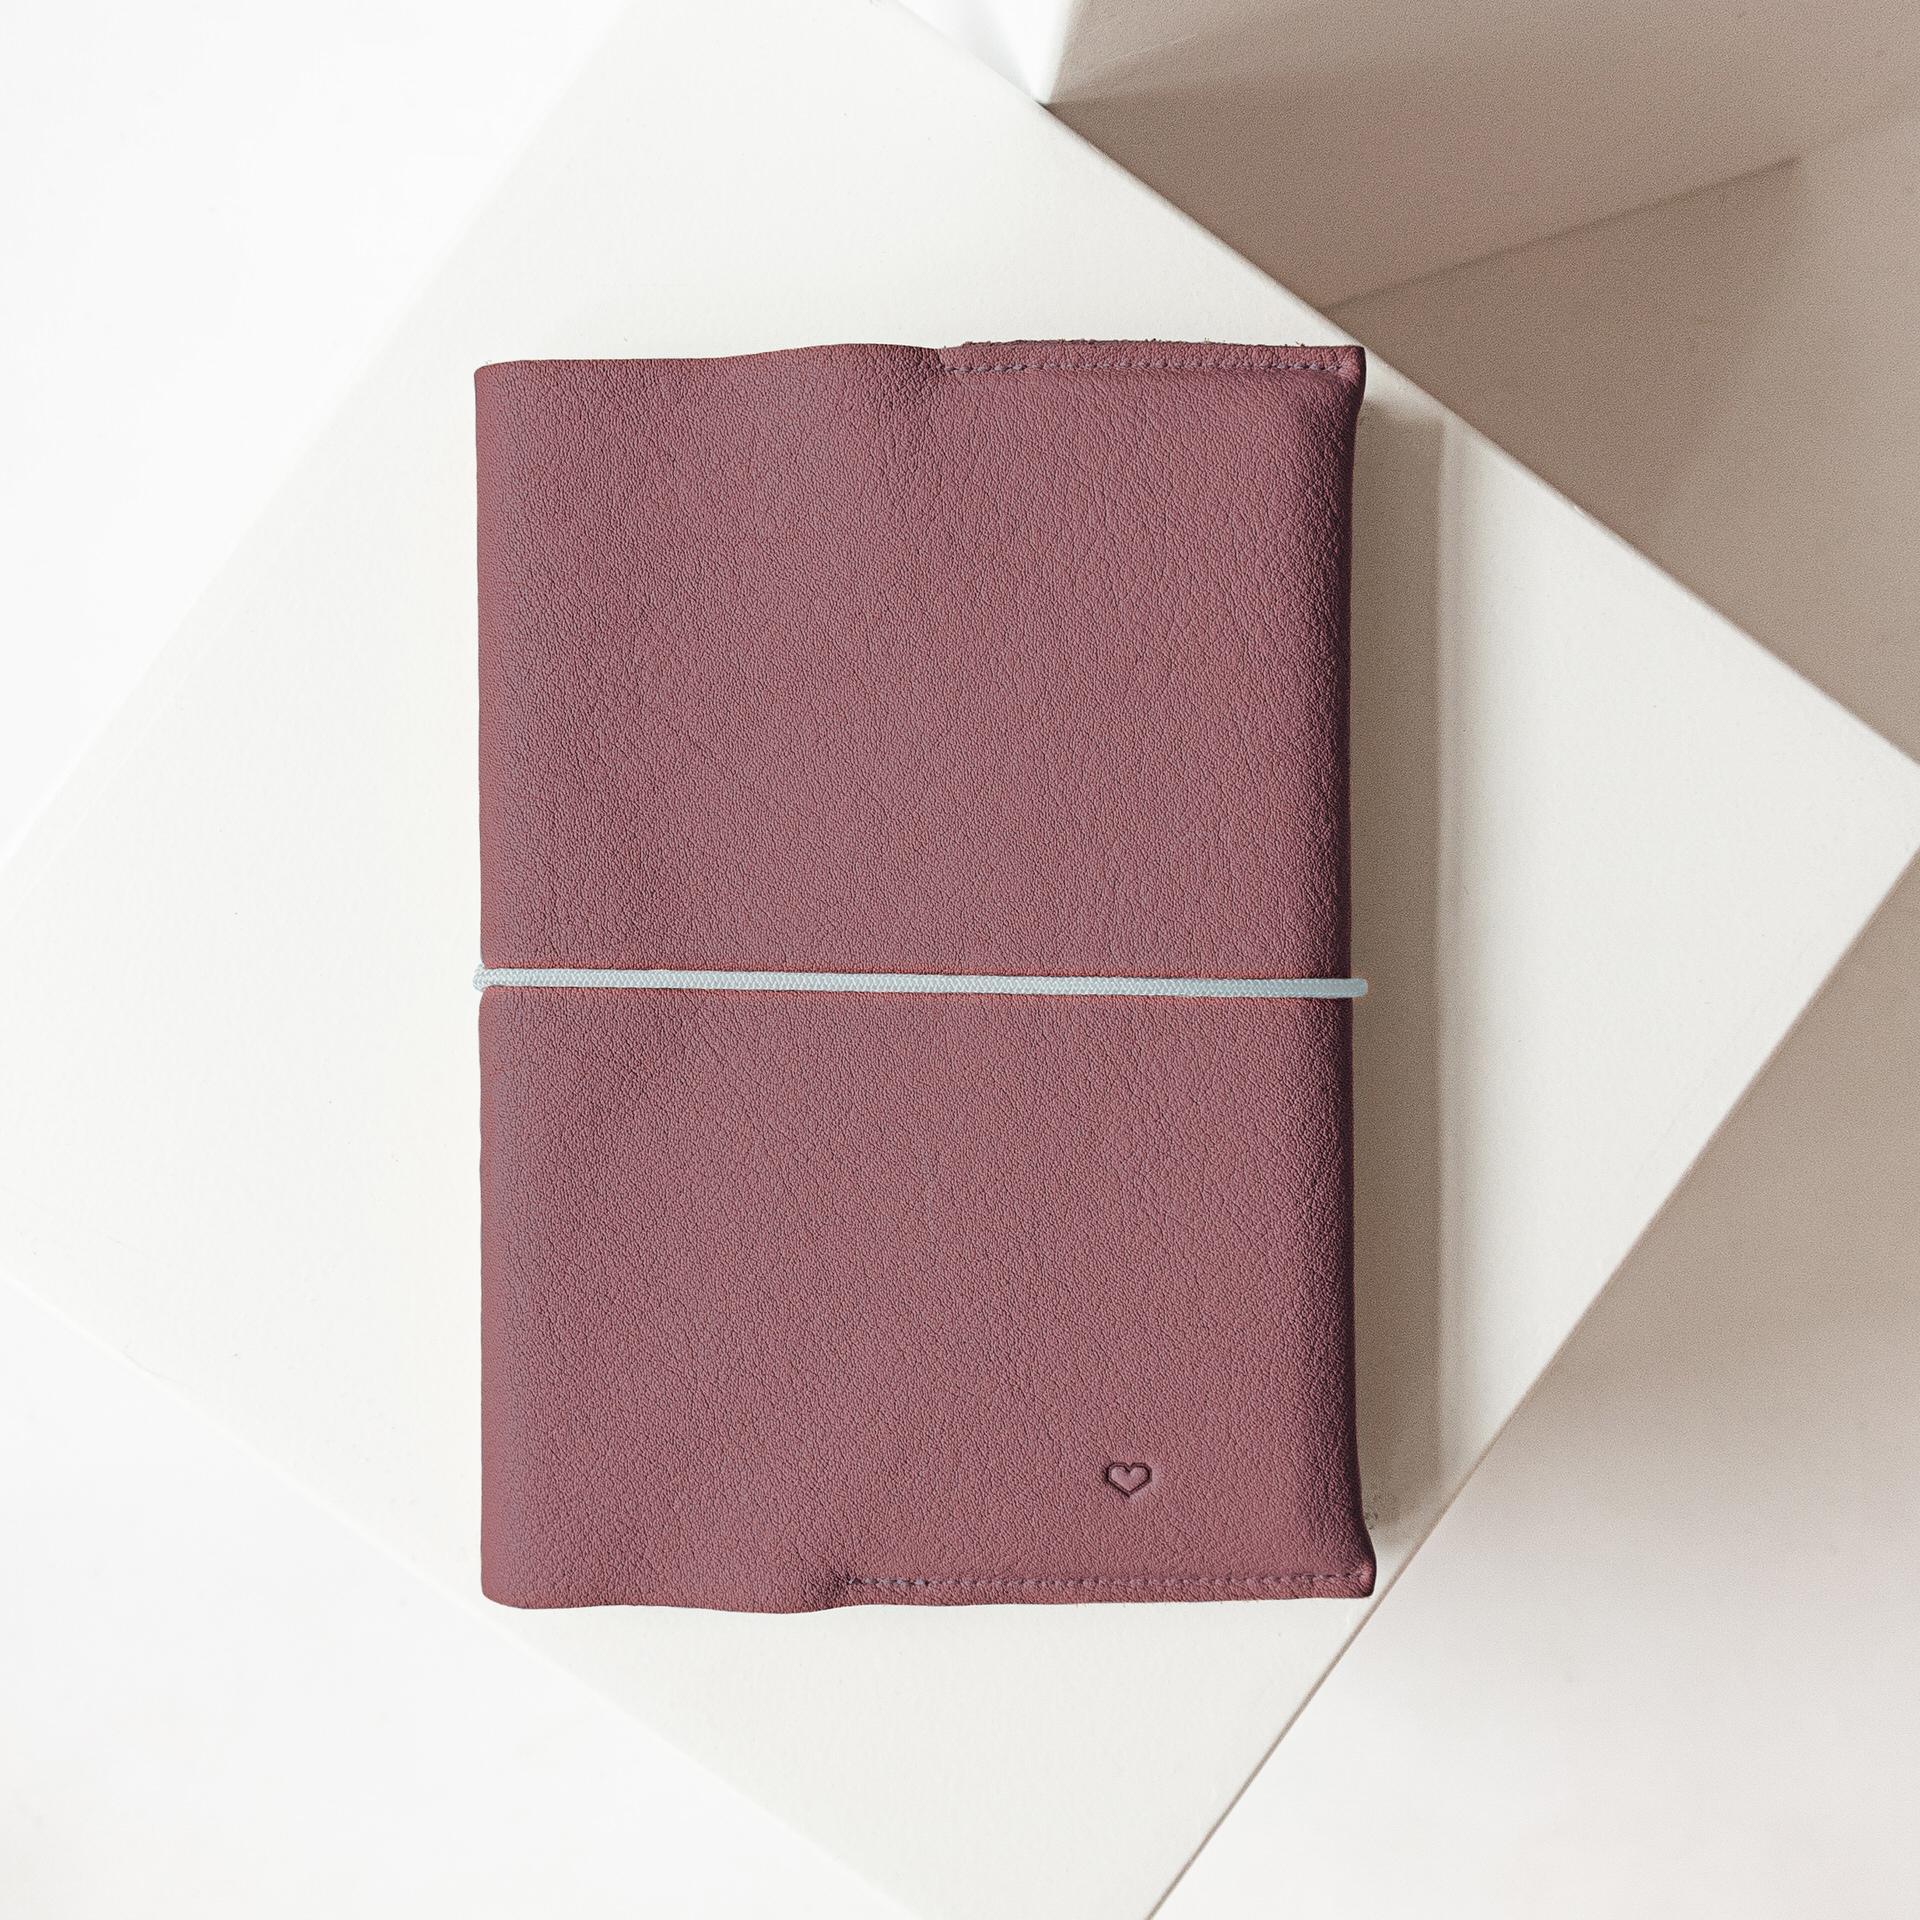 U-Hefthülle EVE aus nachhaltigem Naturleder in Flieder mit schlichter Herz-Prägung und grauem Verschlussband